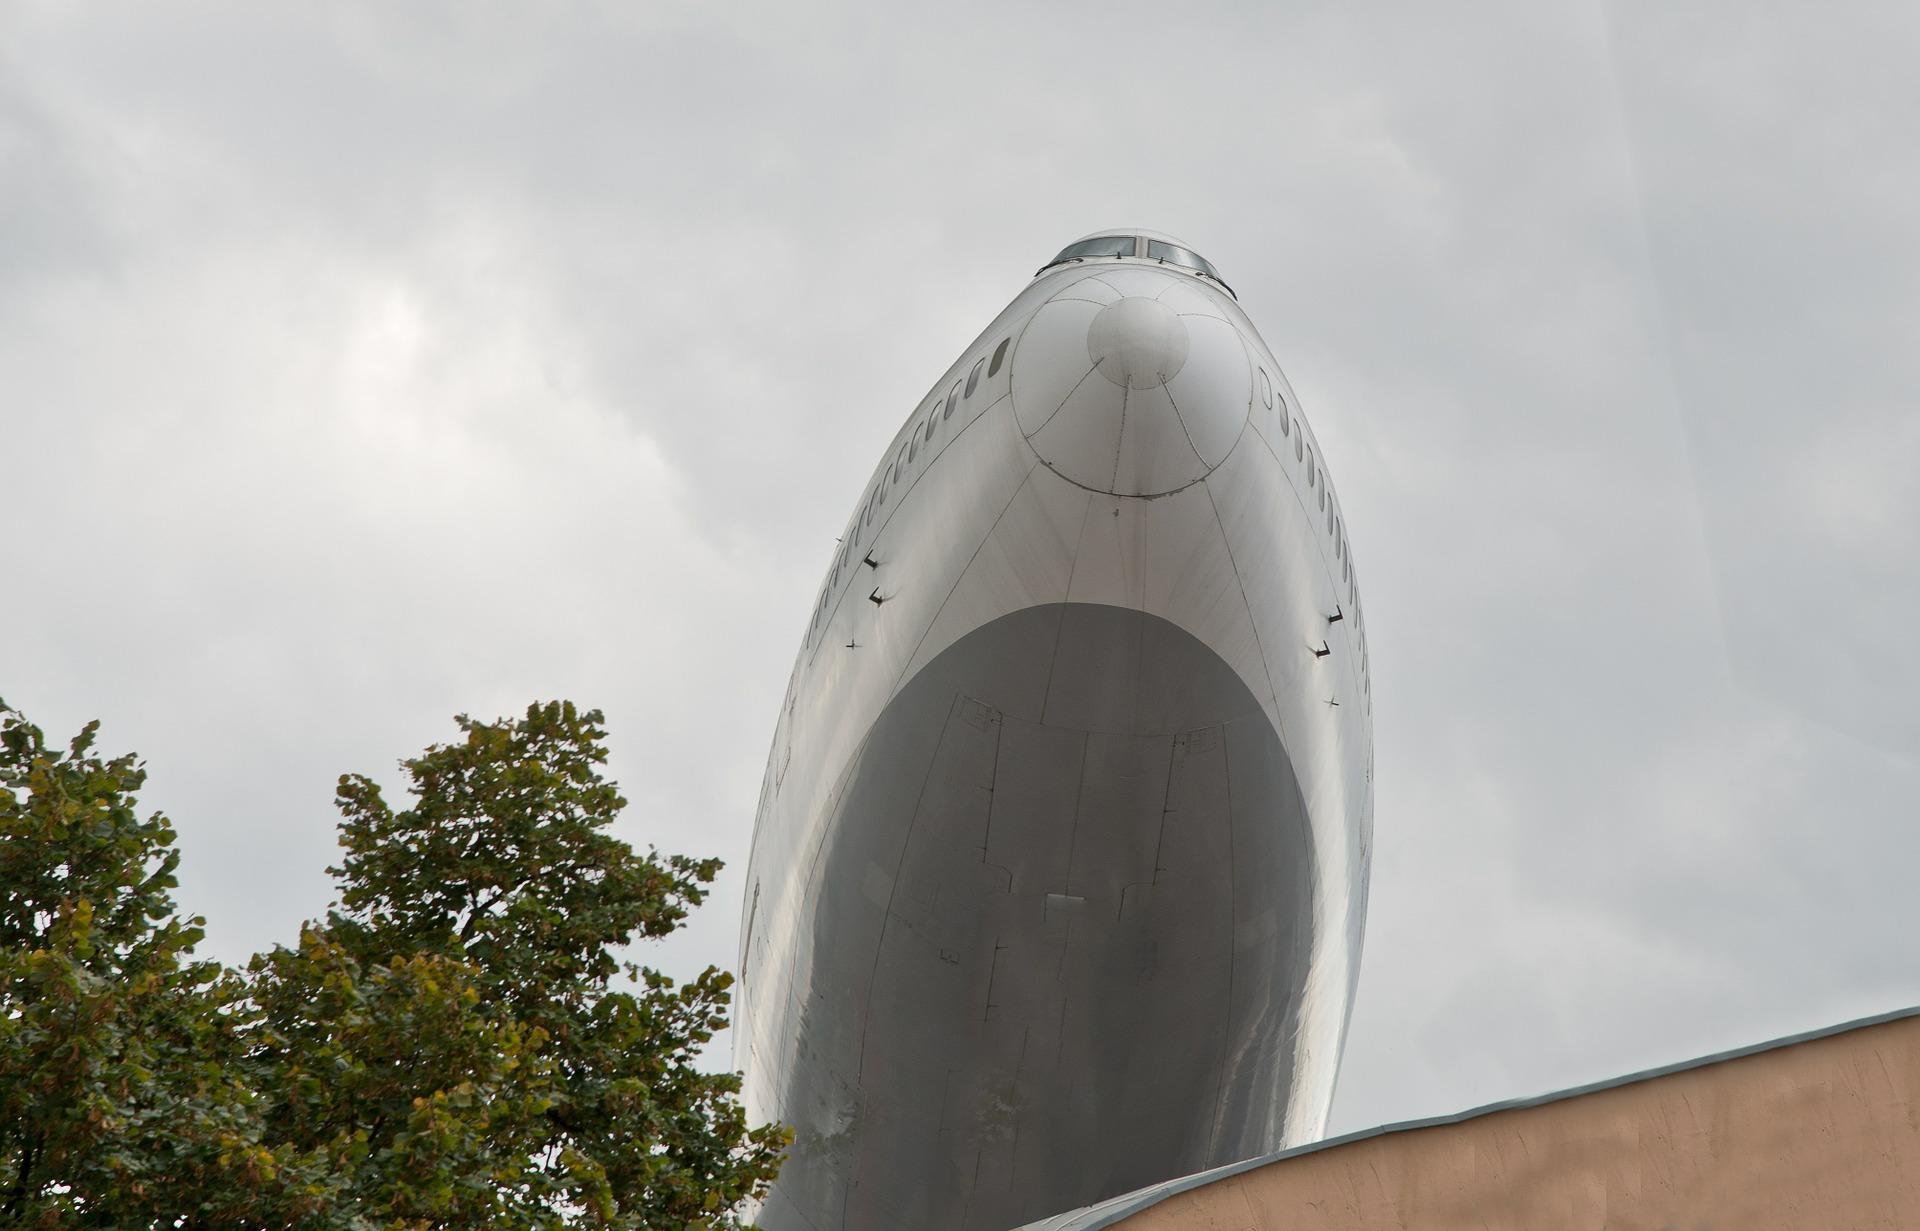 Boeing747 steigt empor